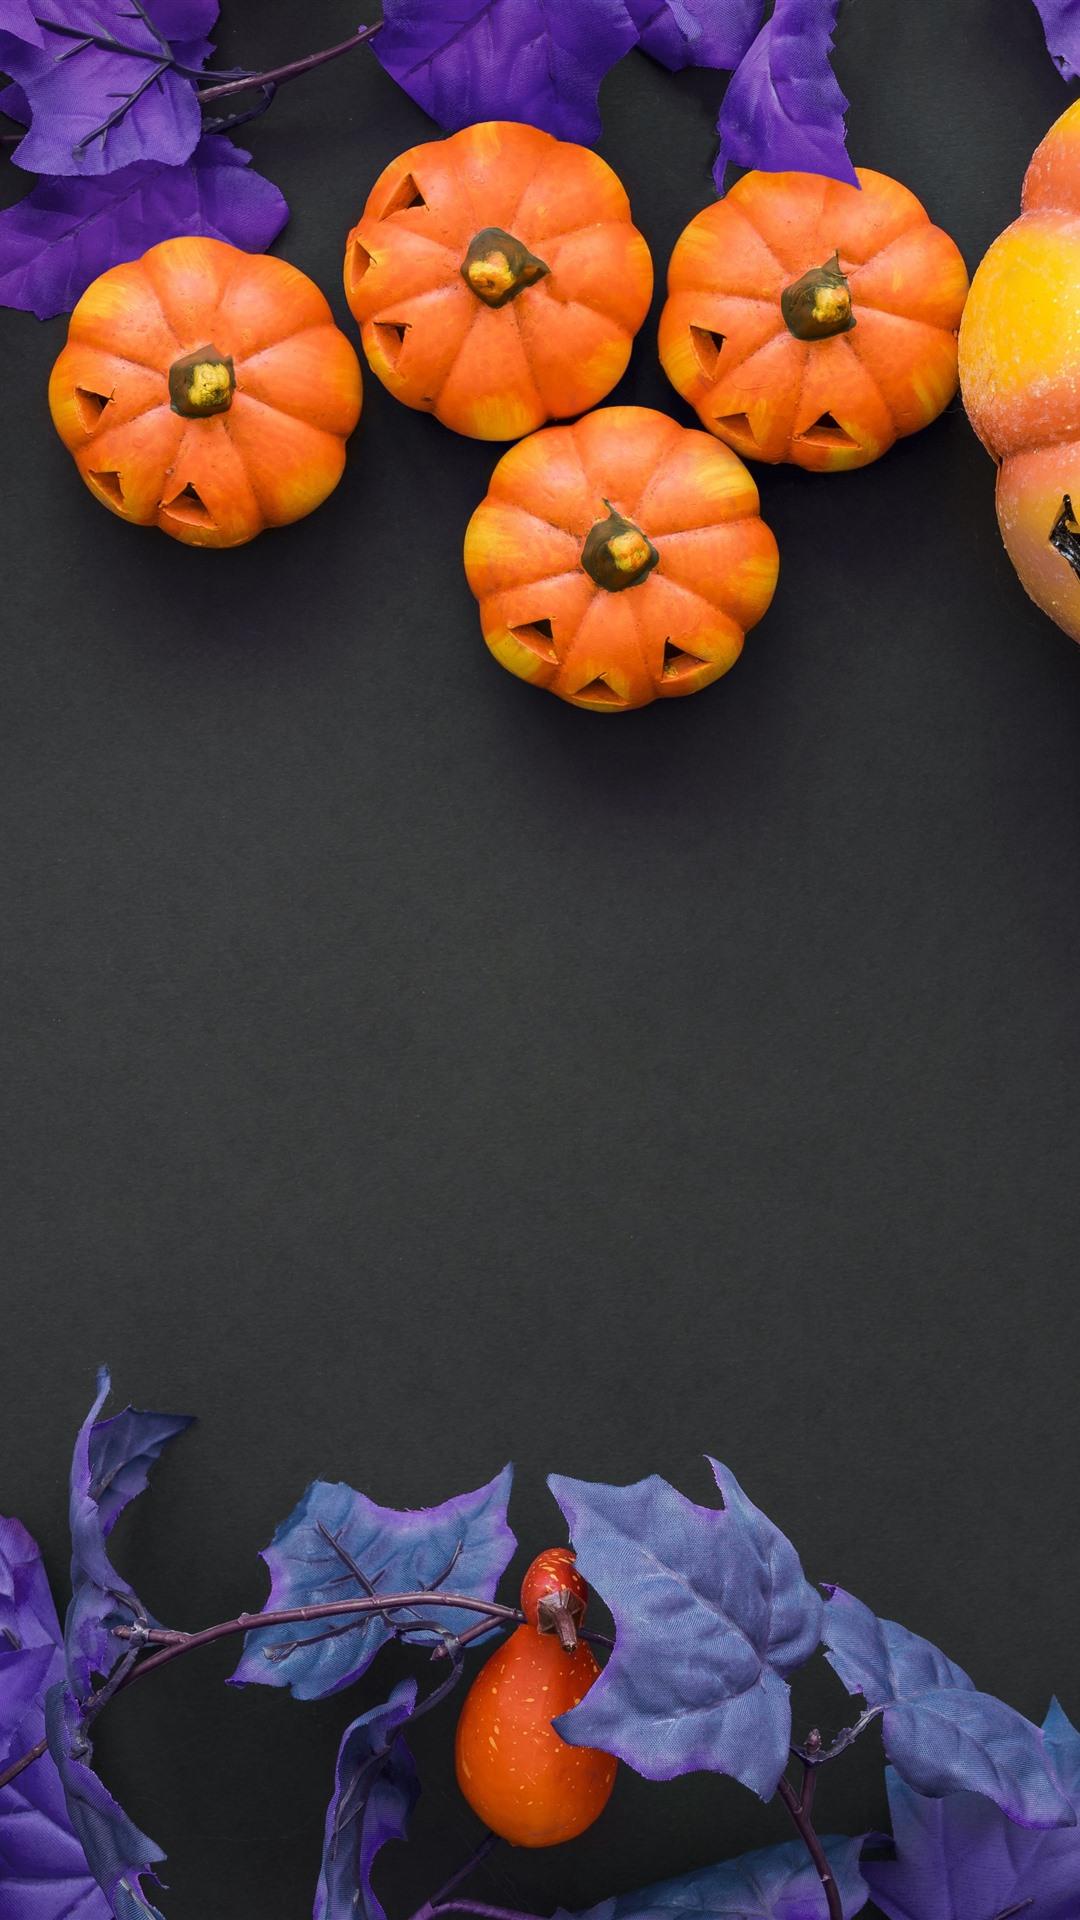 Halloween Pumpkin Berries Decoration 1242x2688 Iphone Xs